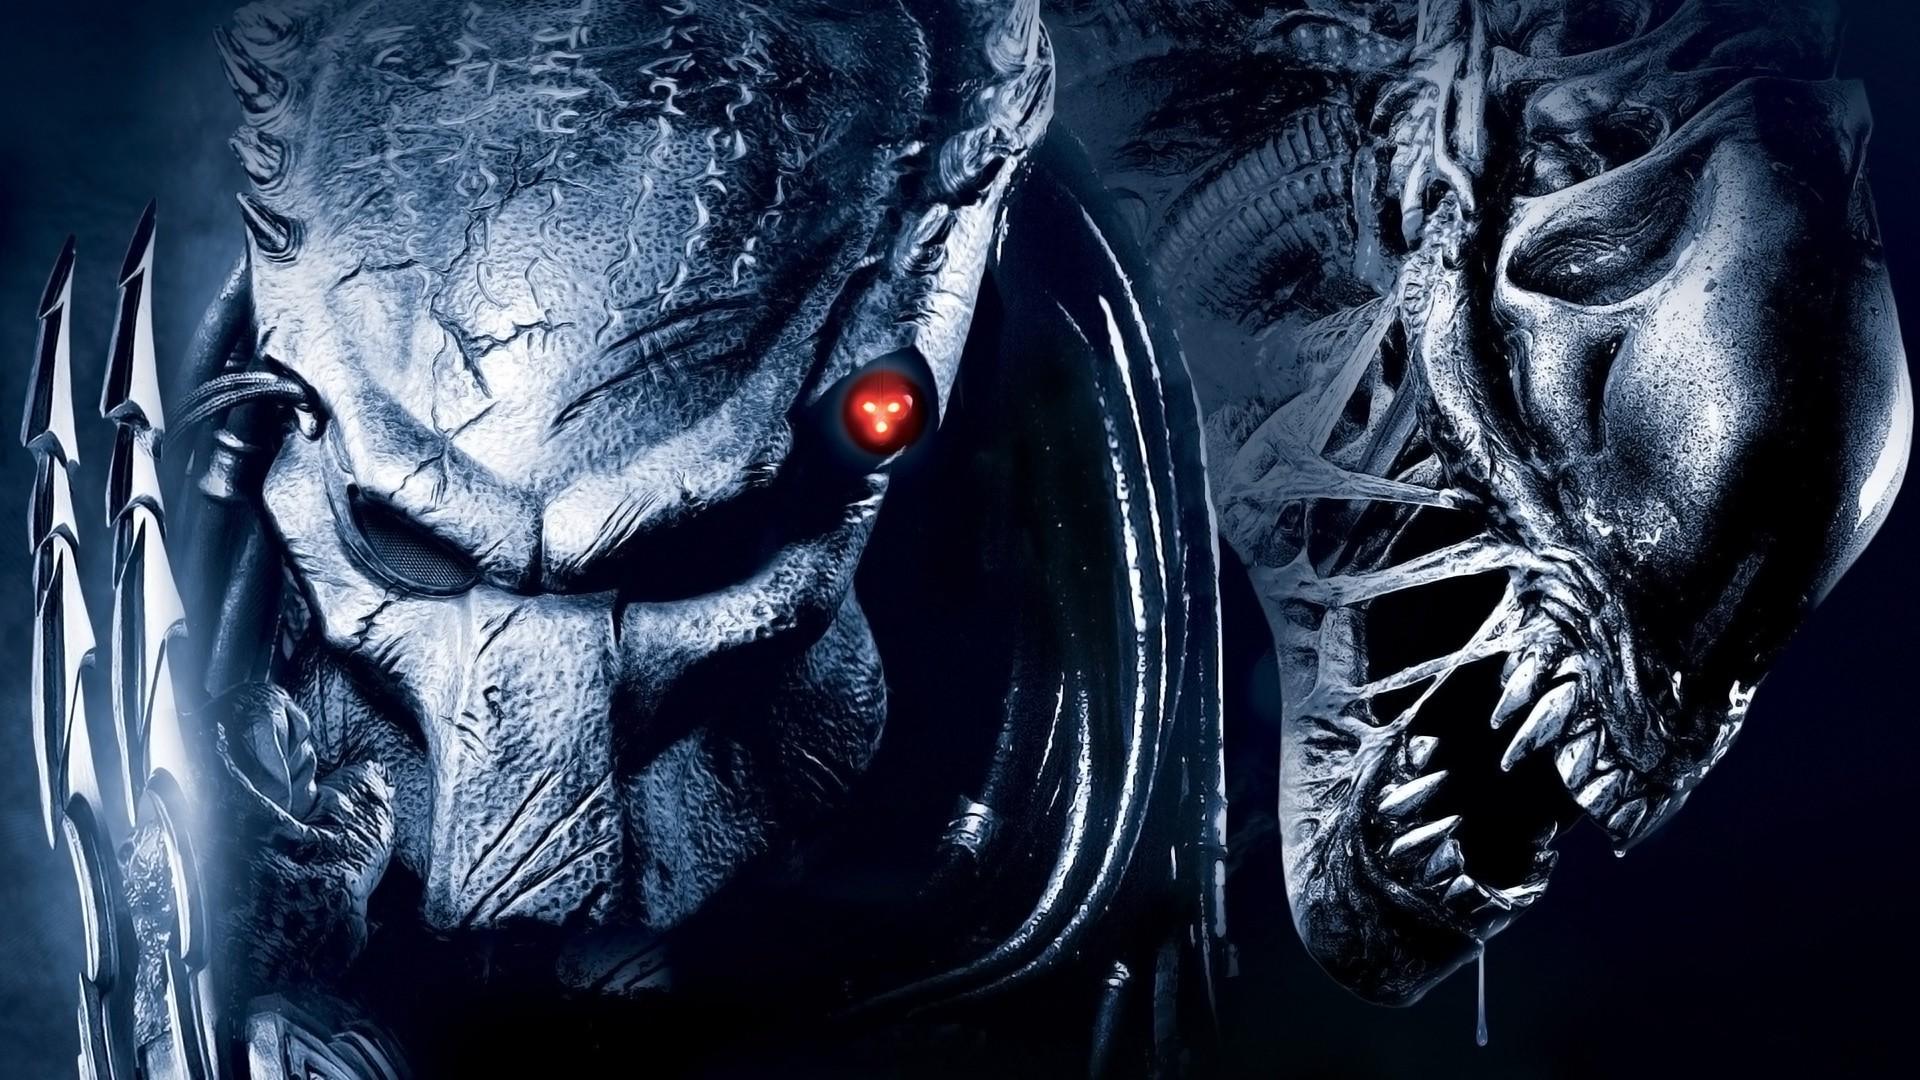 Girls Wallpapers Pack 2018 Files Alien Vs Predator Aliens Movie Predator Movie